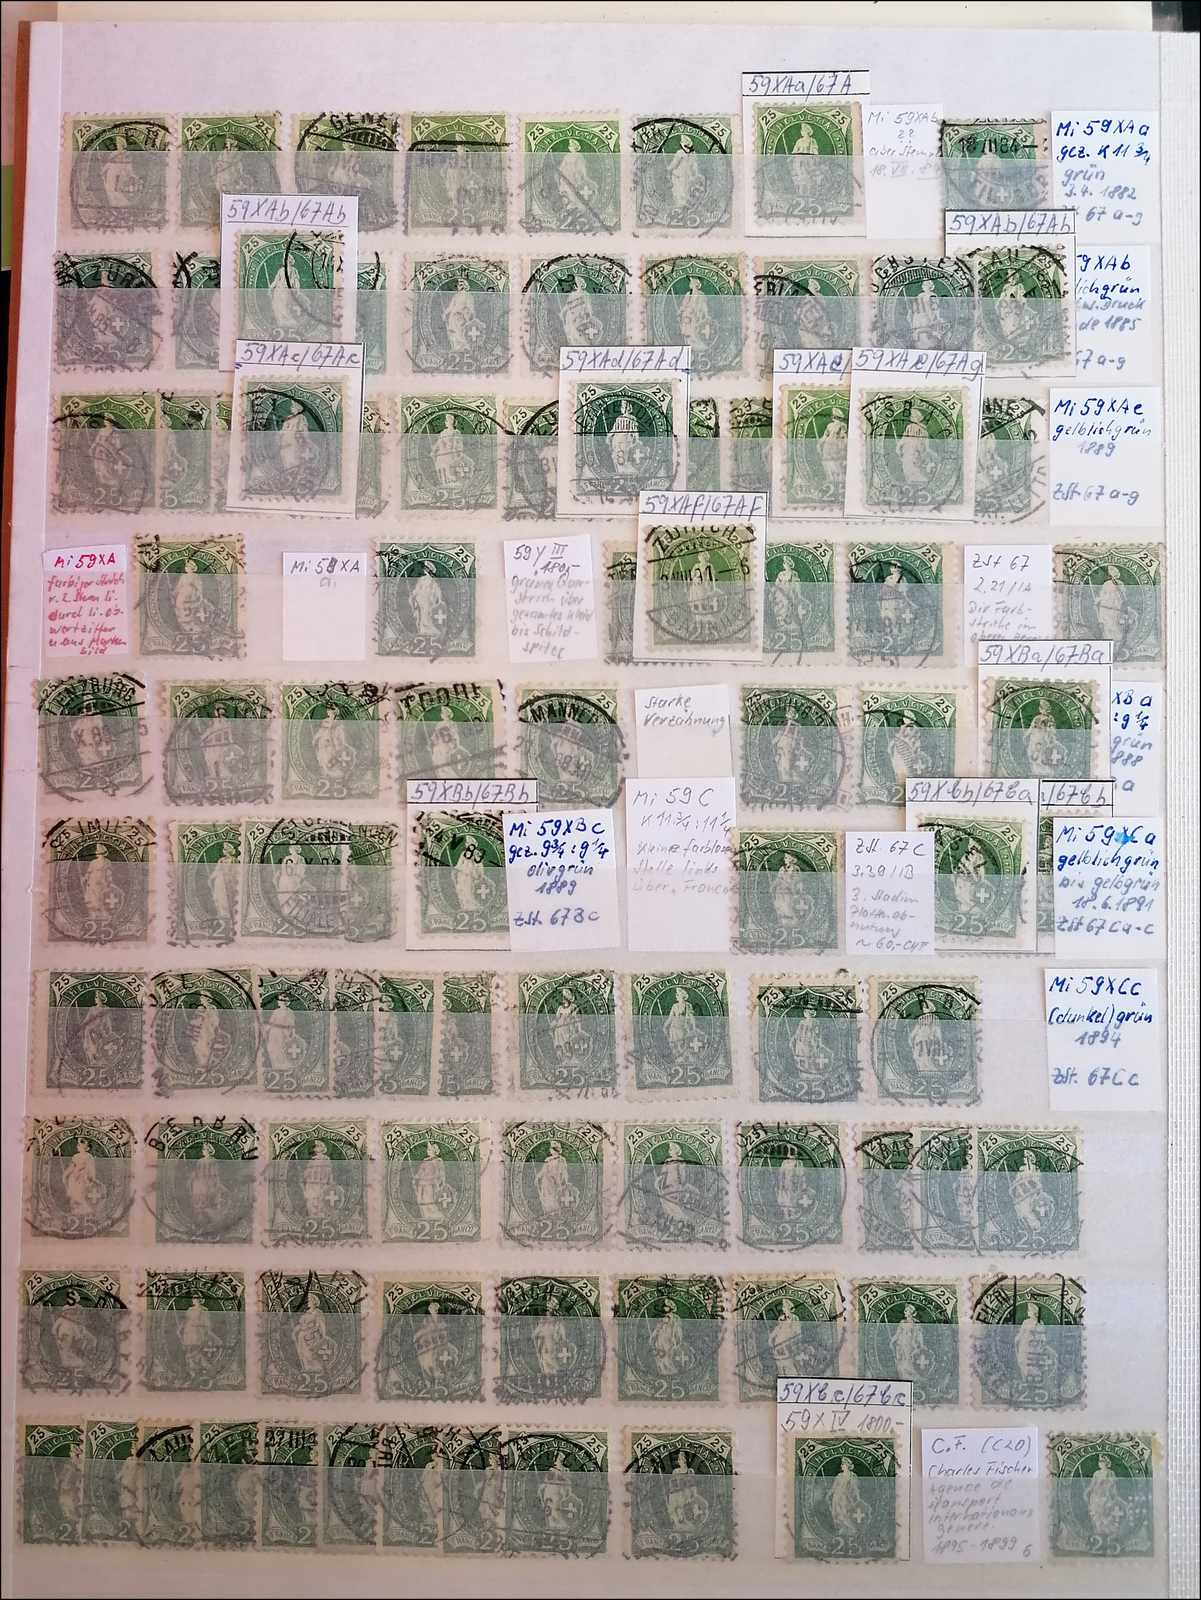 Lot 92 - schweiz schweiz -  Rolli Auctions Auction #68 Day 1